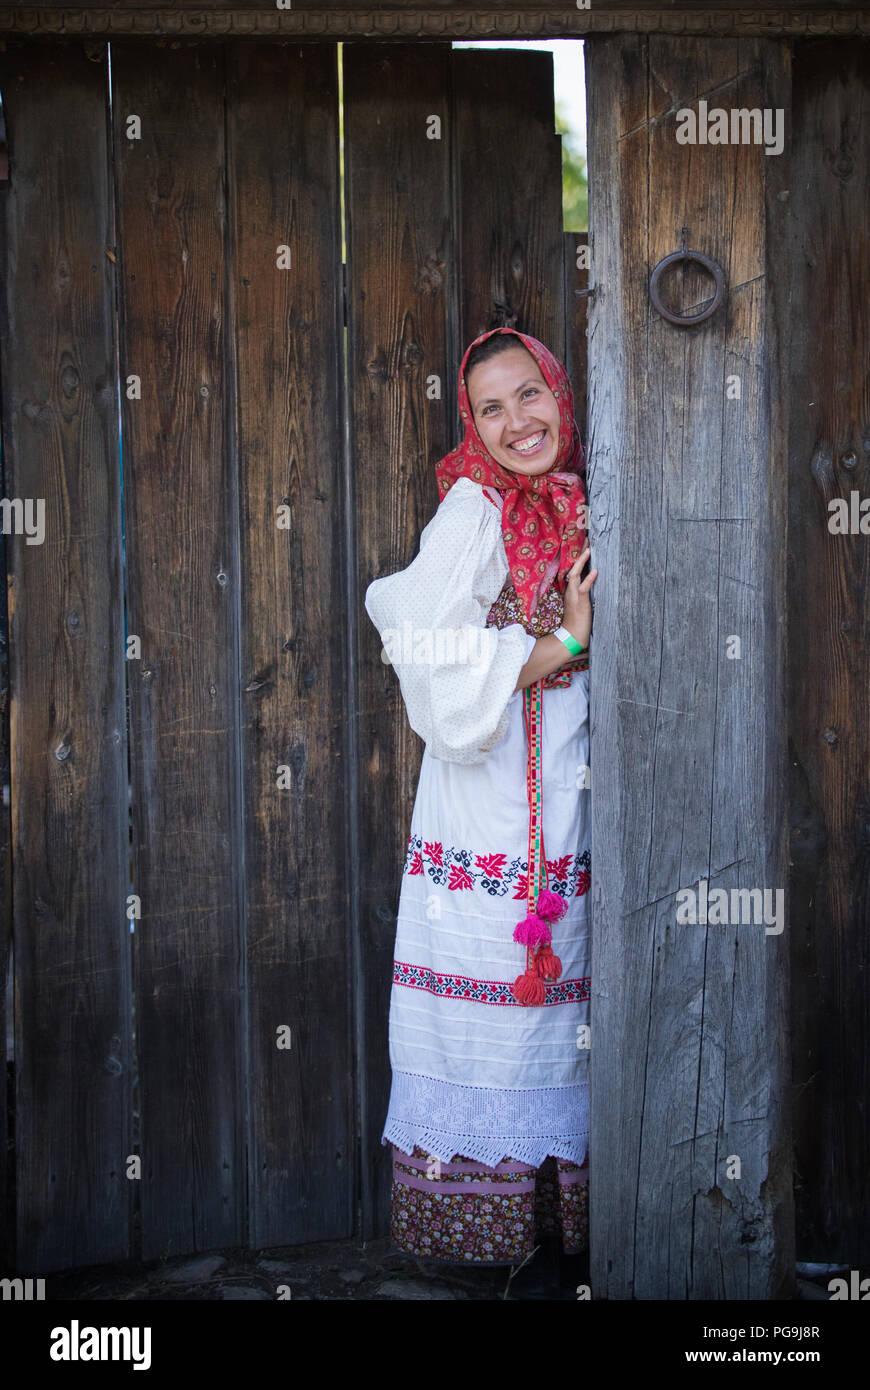 Eine Frau In Einem Russischen Folklore Kleid Und Einen Schal Der